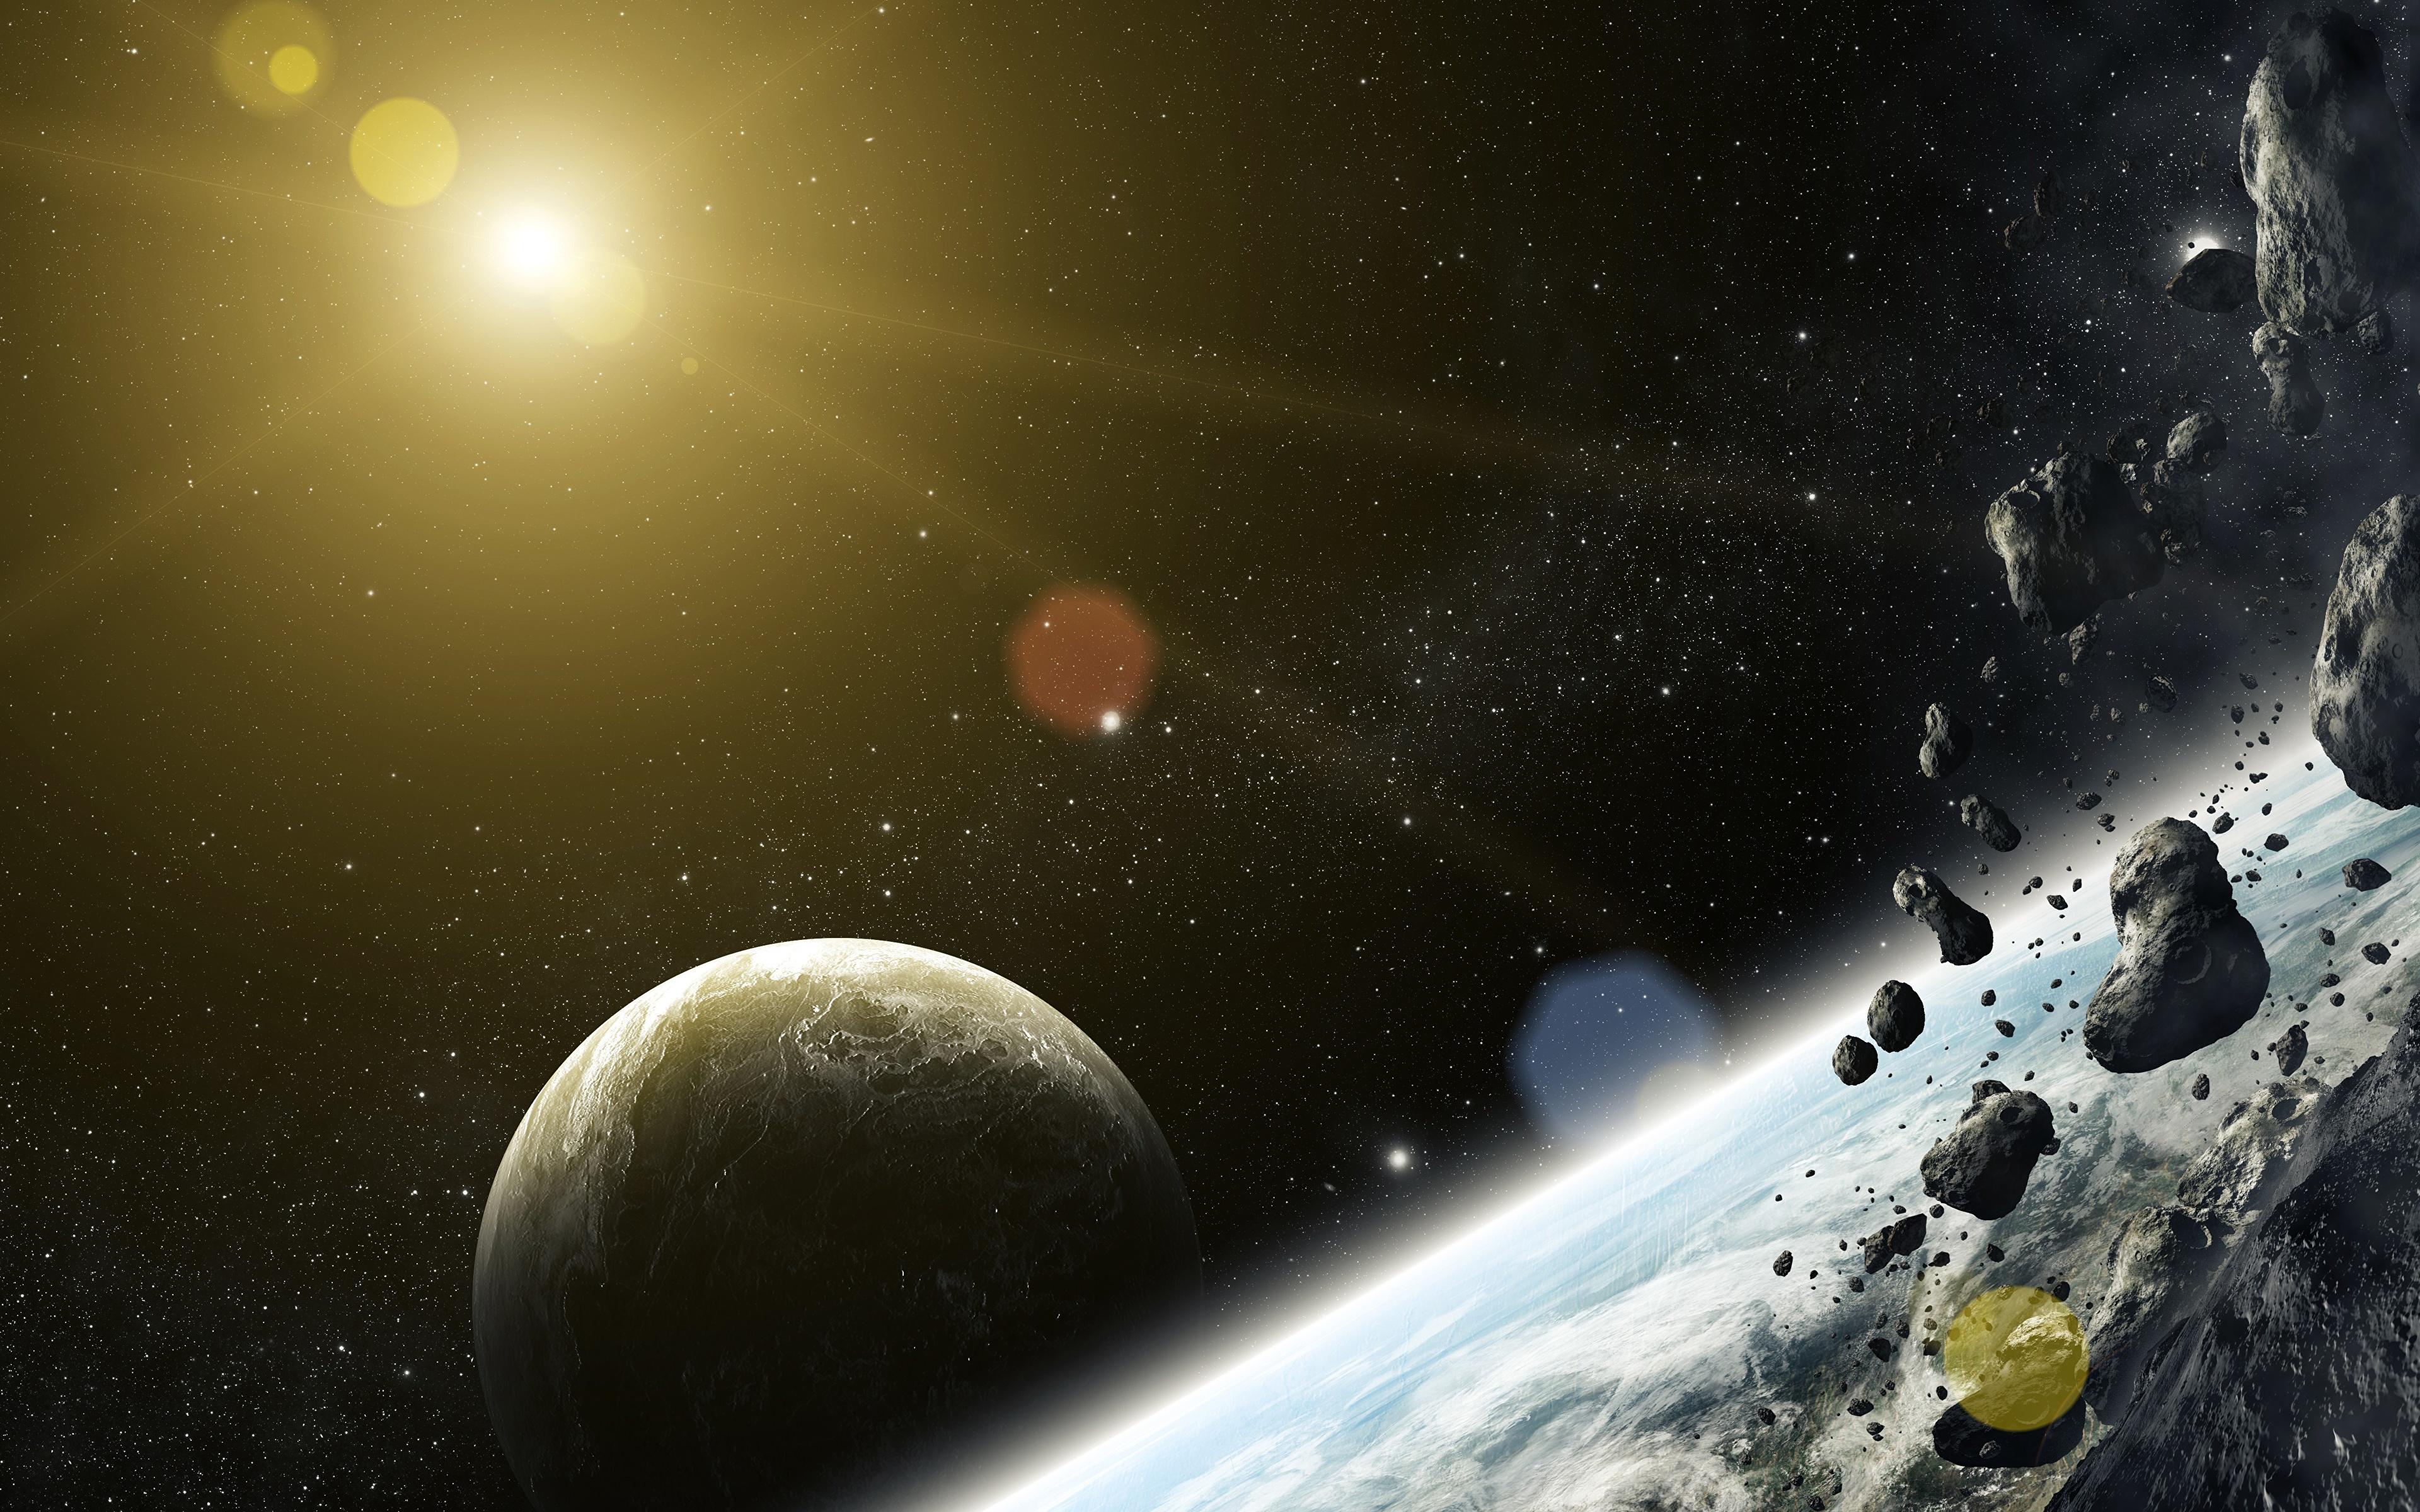 Обои космос планета метеор картинки на рабочий стол на тему Космос - скачать загрузить